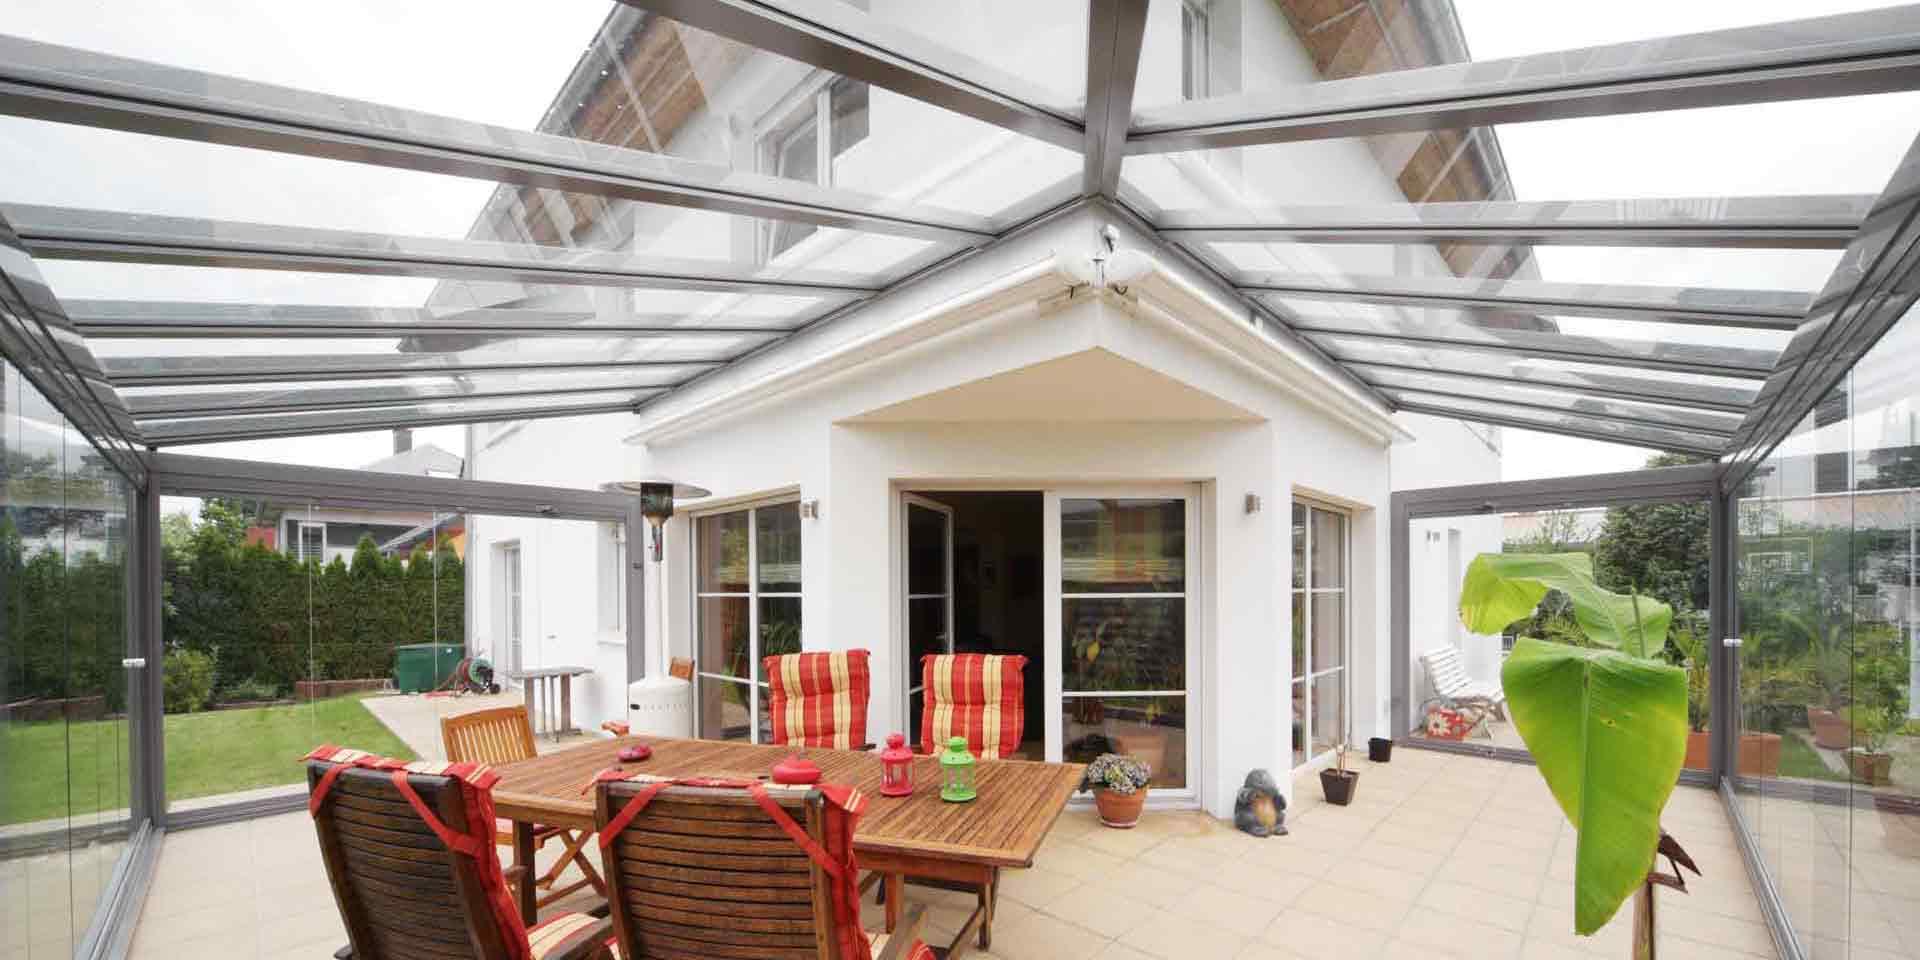 Weißes Einfamilienhaus mit Nahaufnahme der Rückseite des Hauses mit Blick auf eine Coplaning Veranda Glasschiebewand mit einer grauen Aluminium Glasüberdachung mit Terassenüberdachung um die Ecke.